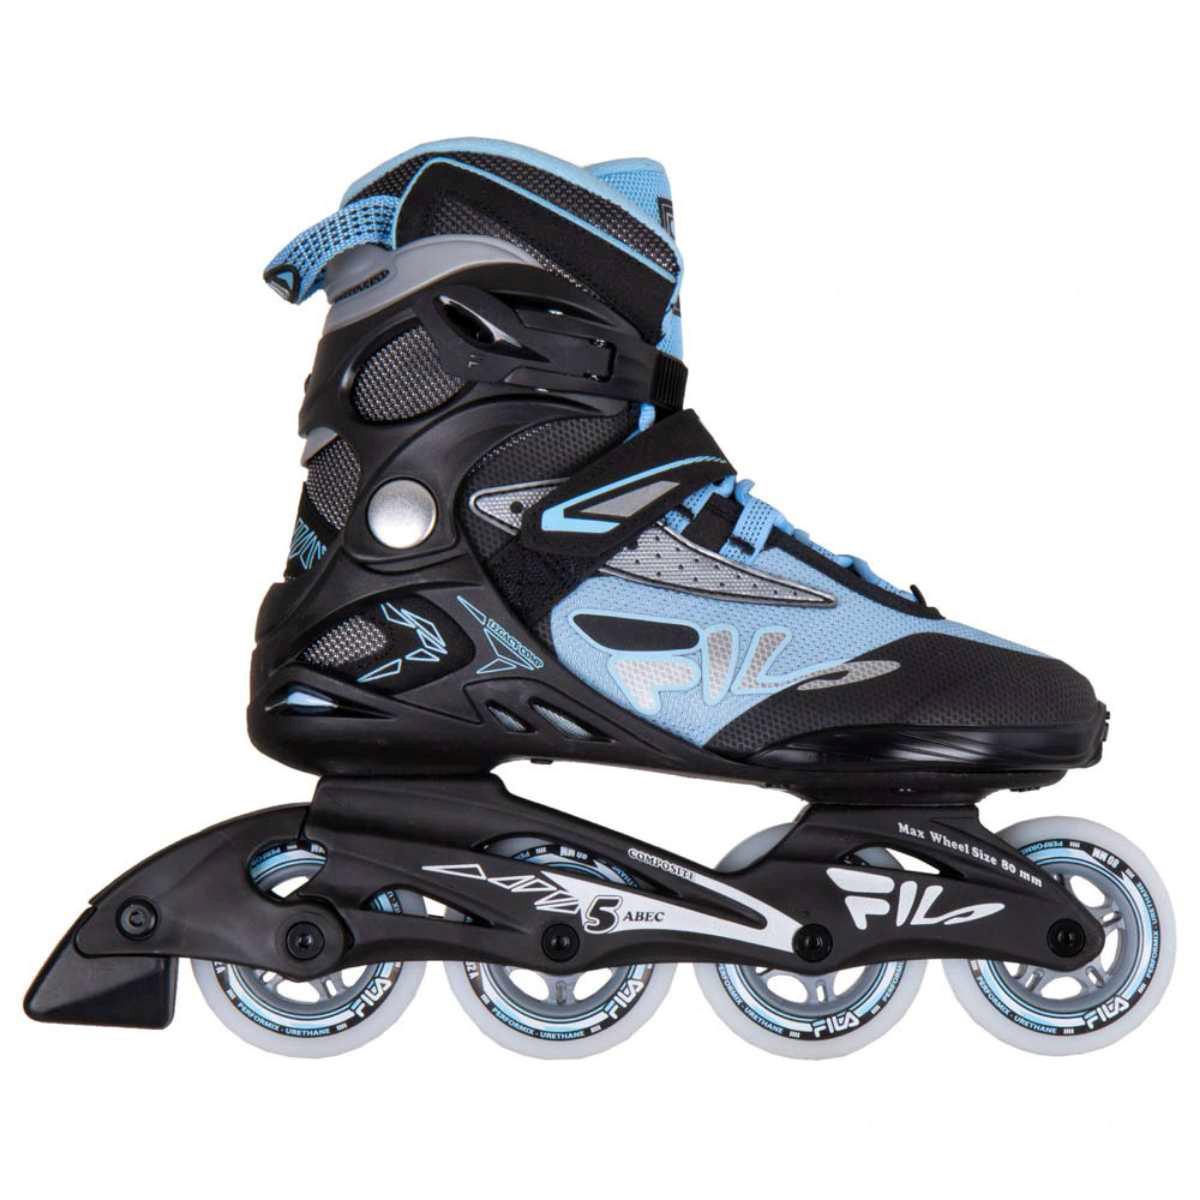 Fila Legacy Comp Lay 80 inline skates-skeelers